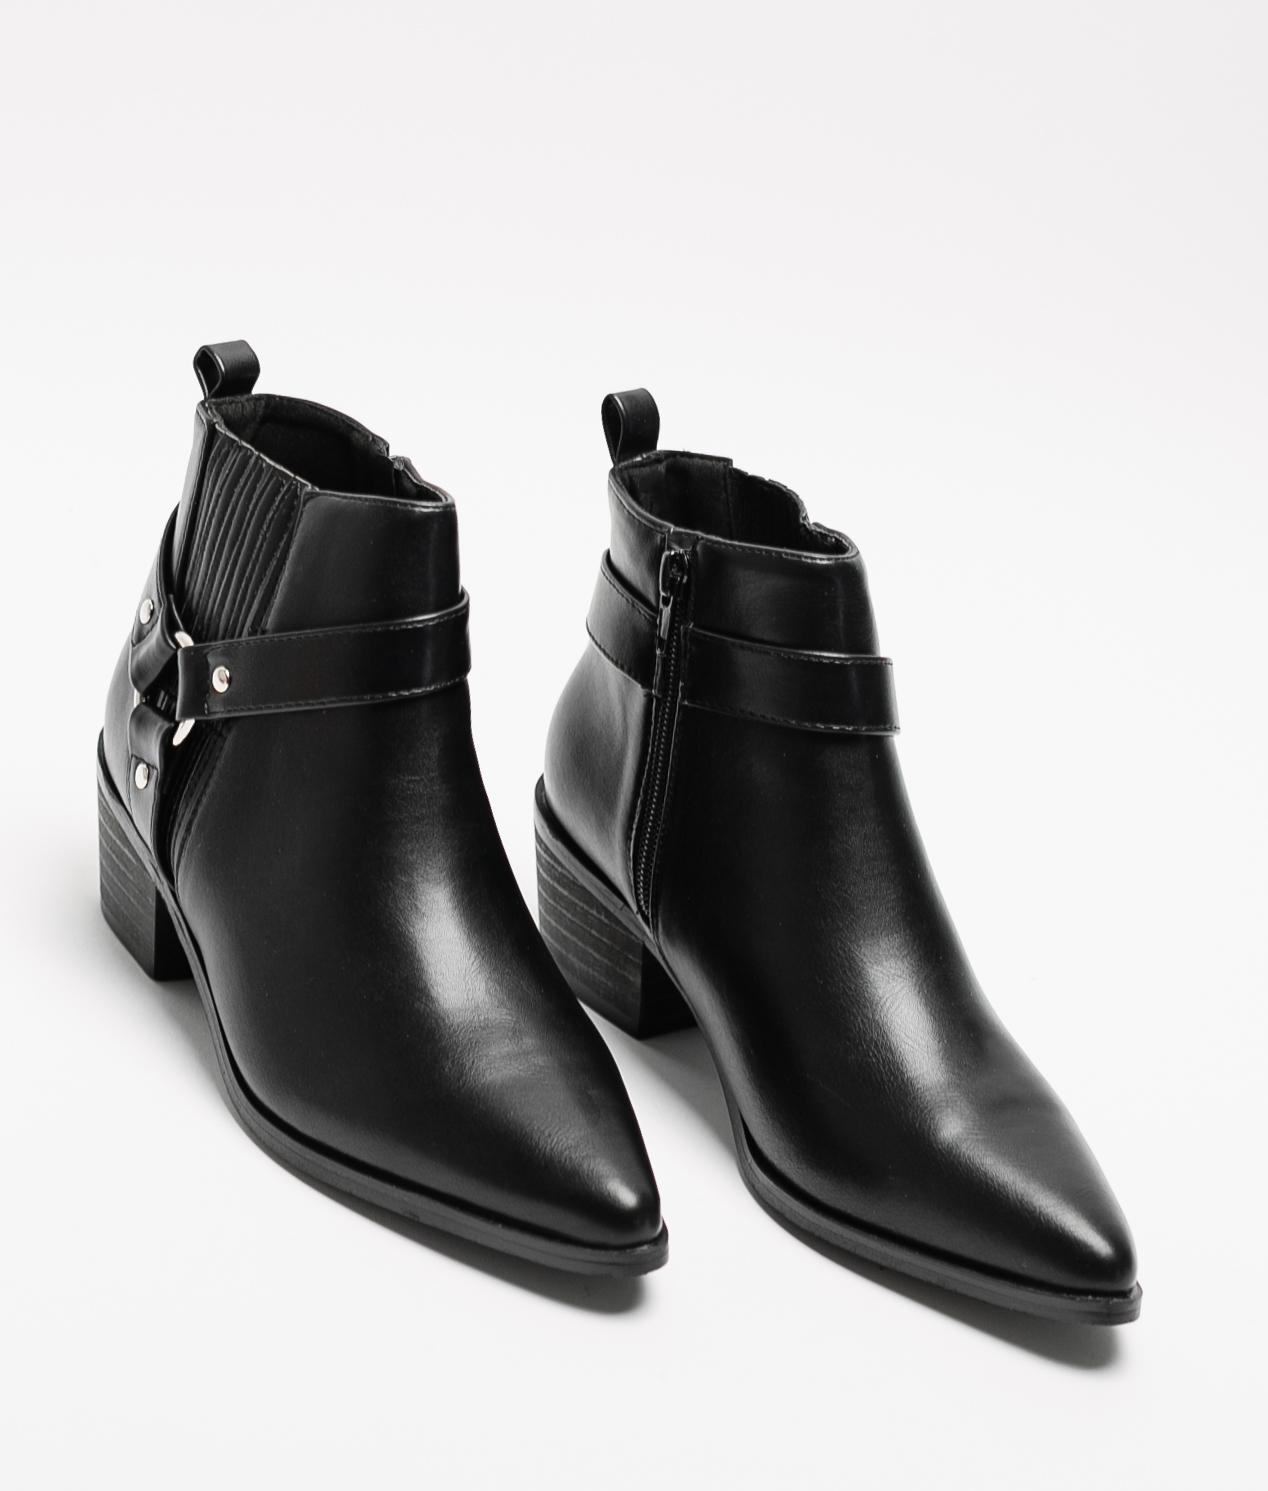 Nanta Low Boot - Black